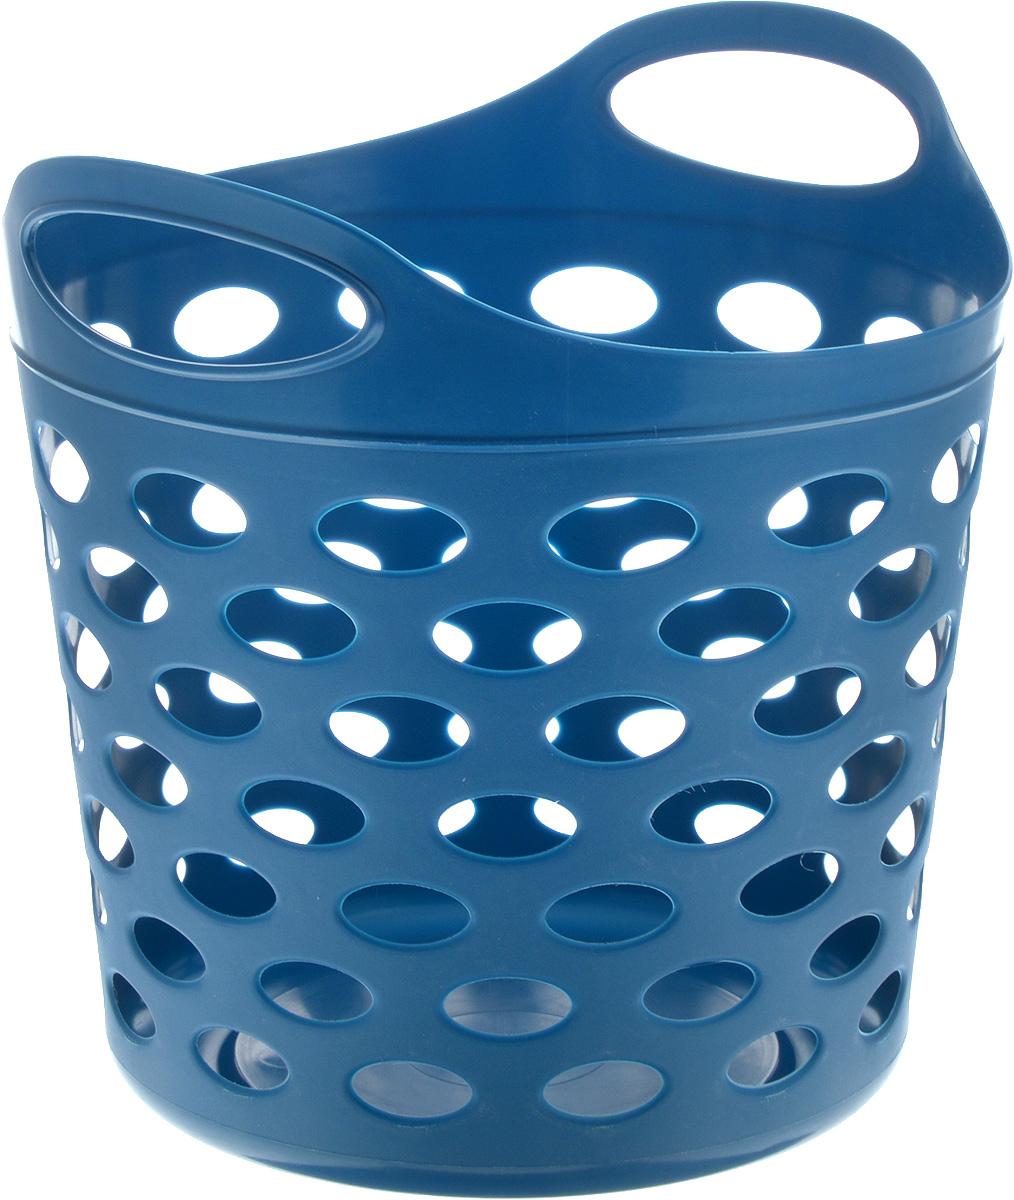 Корзина-сумка Gensini, универсальная, цвет: синий, 13 лМ 2602_фисташковыйУниверсальная корзина-сумка Gensini отлично подойдет для хранения белья перед стиркой, игрушек и других вещей. Она выполнена из высококачественного мягкого пластика и оснащена двумя удобными ручками для переноски. Боковые стенки оформлены перфорацией, которая обеспечивает вентиляцию белья.Современный дизайн корзины-сумки позволит ей вписаться в любой интерьер, а благодаря своим компактным размерам она не займет много места.